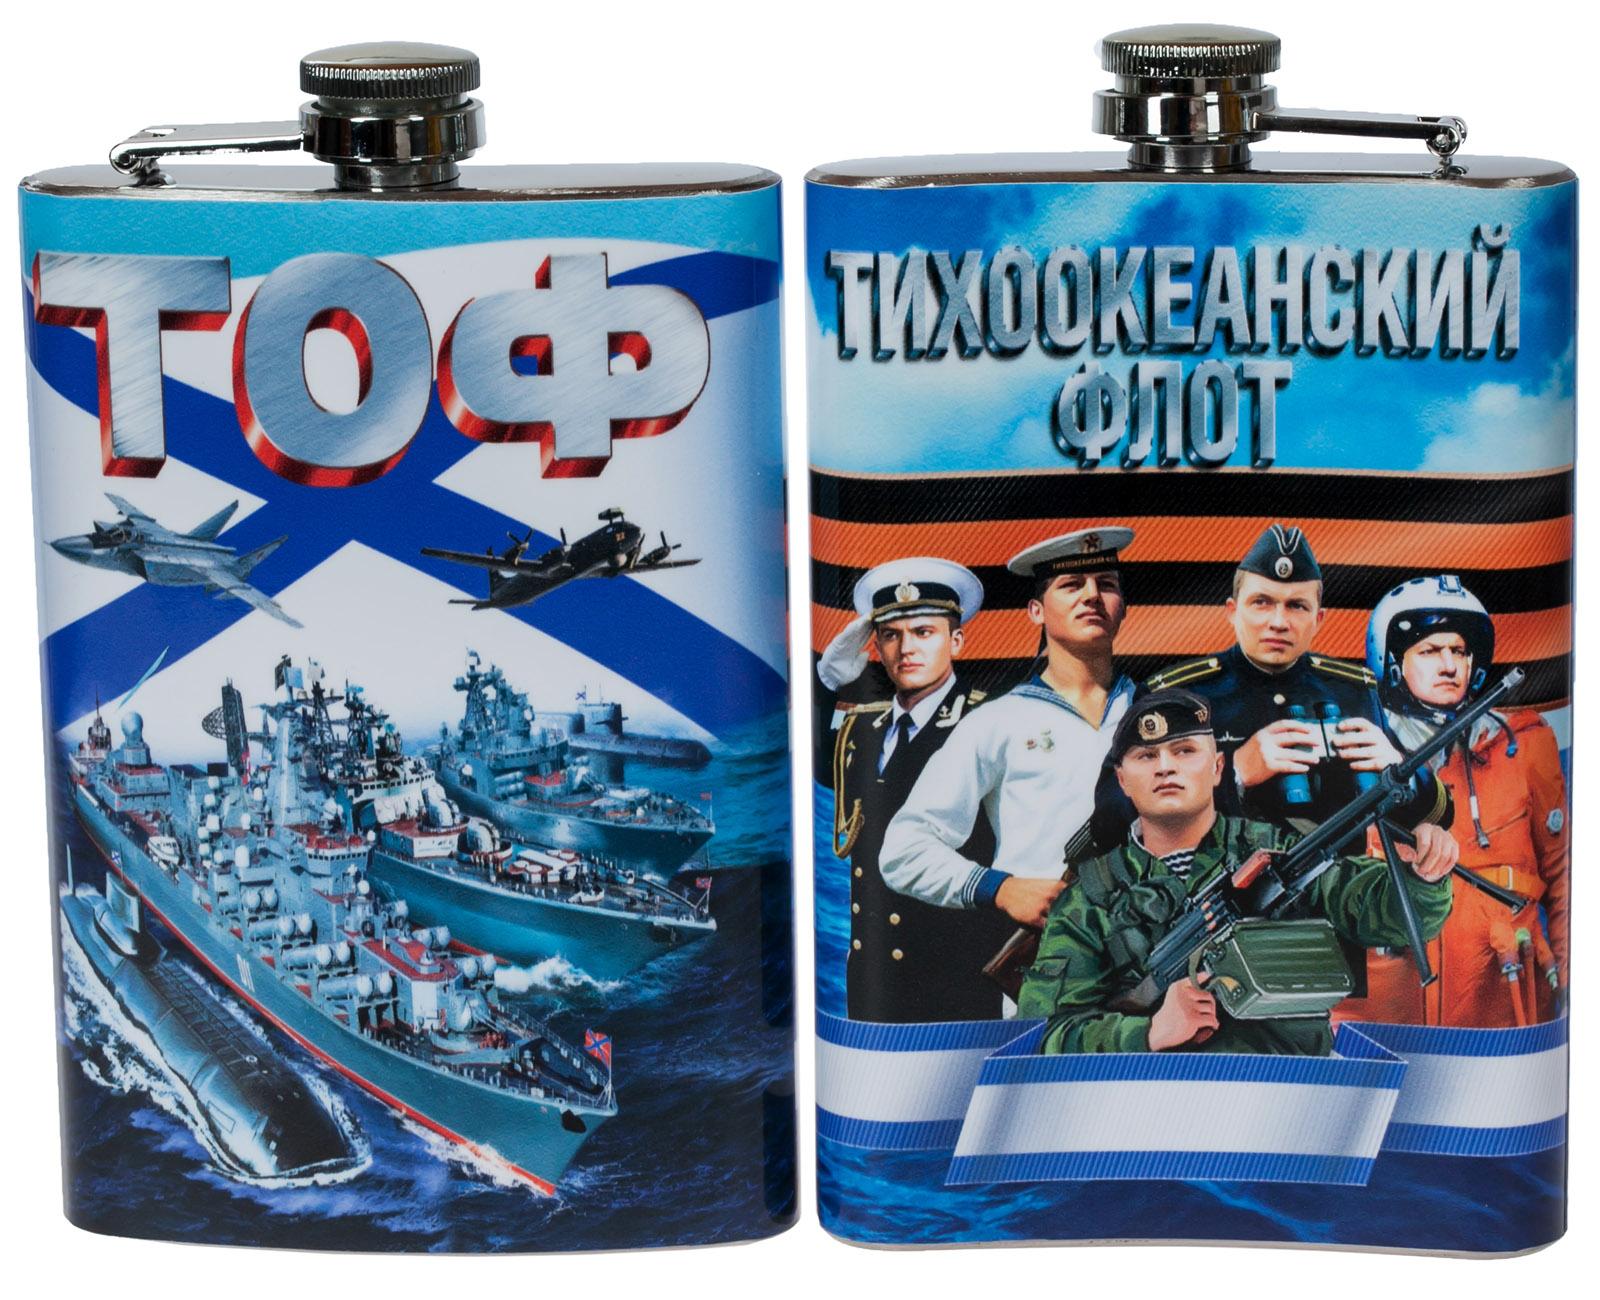 Фляжка ТОФ ВМФ России купить по выгодной цене